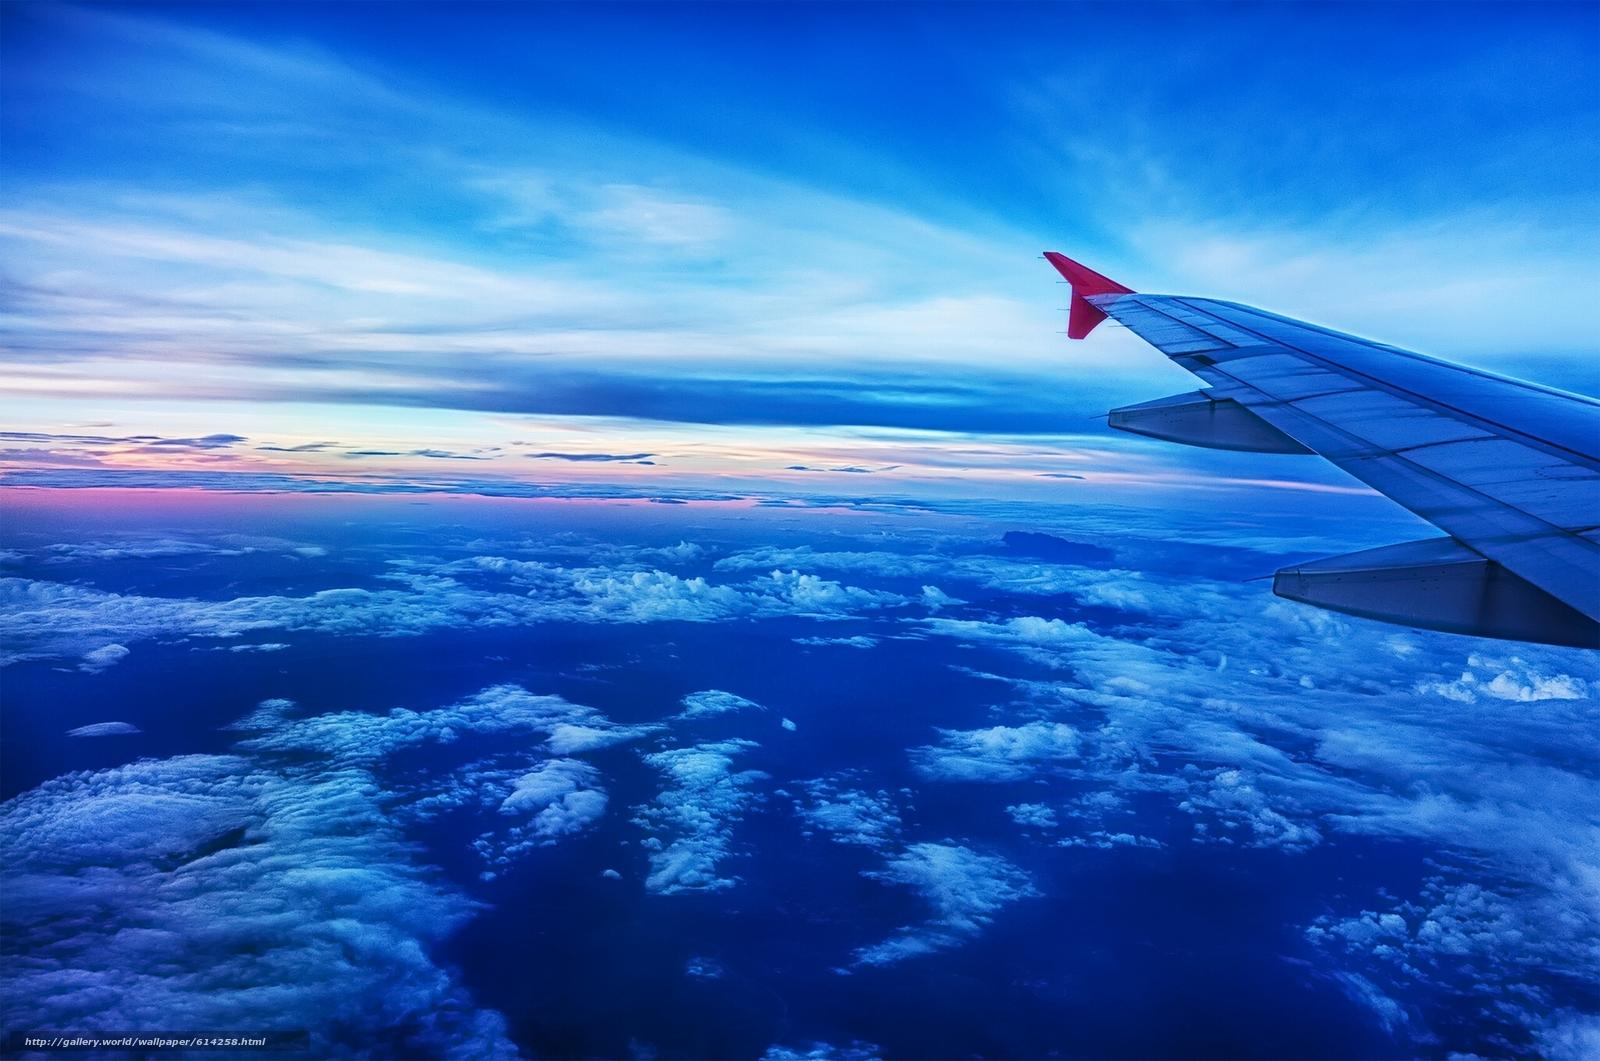 Скачать обои под крылом самолёта,  самолёт,  крыло,  небо бесплатно для рабочего стола в разрешении 1920x1273 — картинка №614258